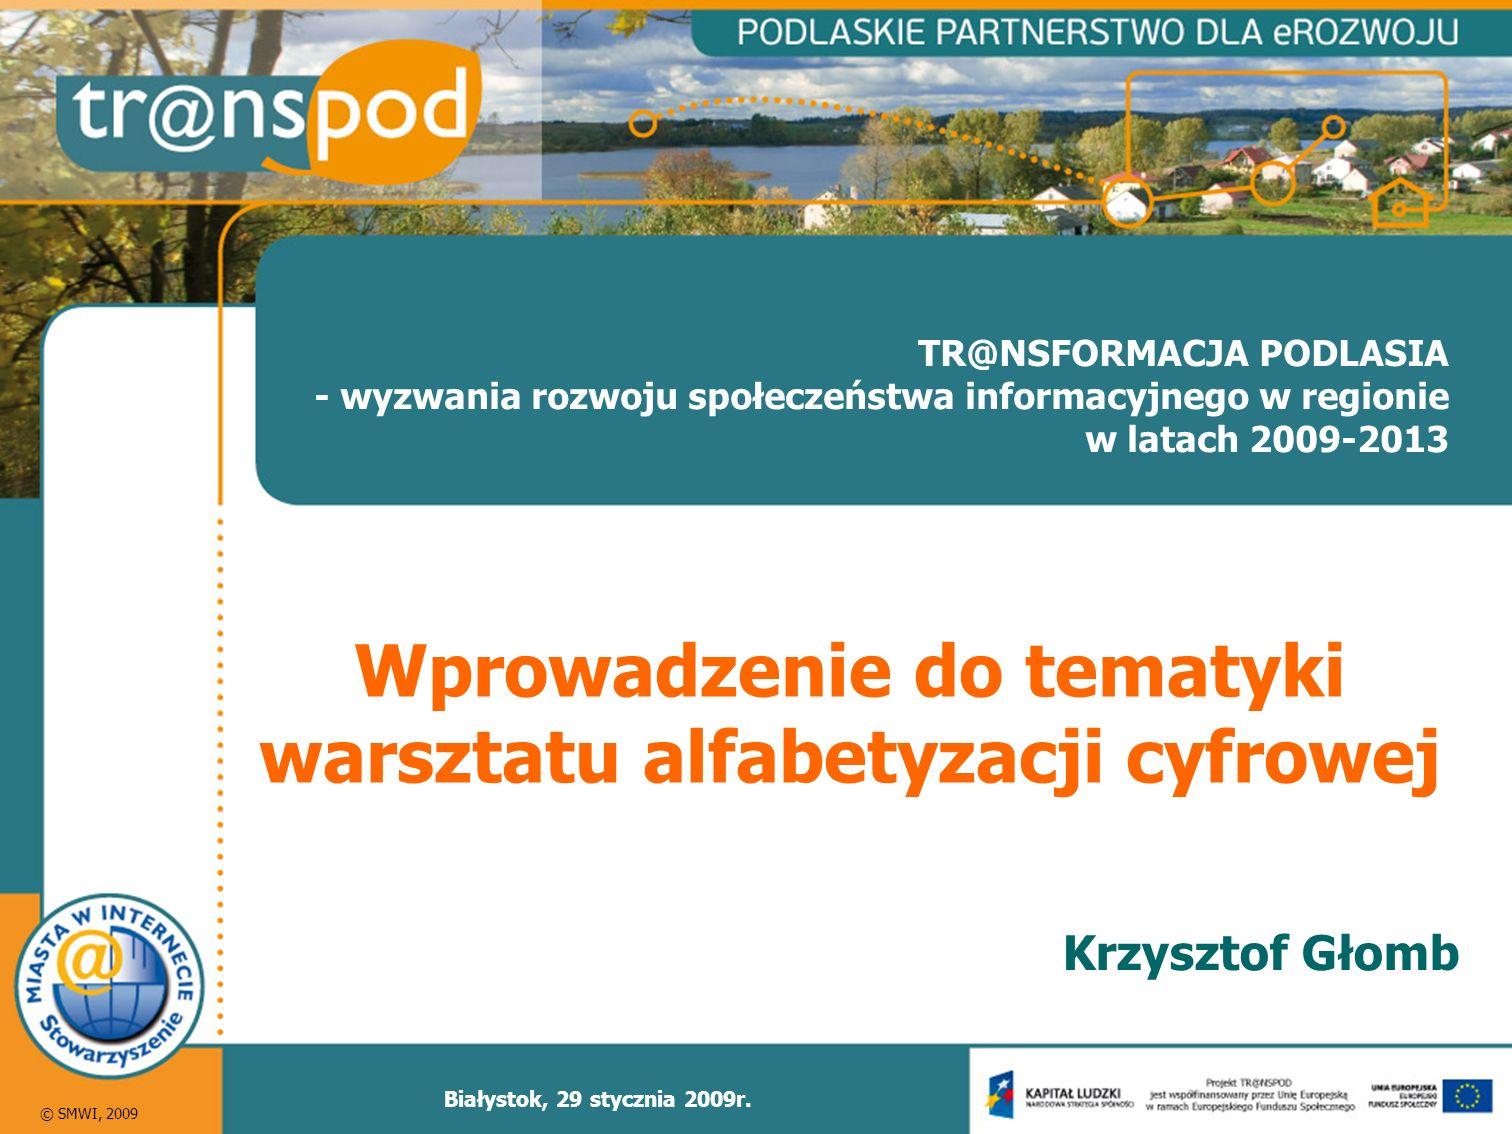 © SMWI, 2009 TR@NSFORMACJA PODLASIA - wyzwania rozwoju społeczeństwa informacyjnego w regionie w latach 2009-2013 Białystok, 29 stycznia 2009r.